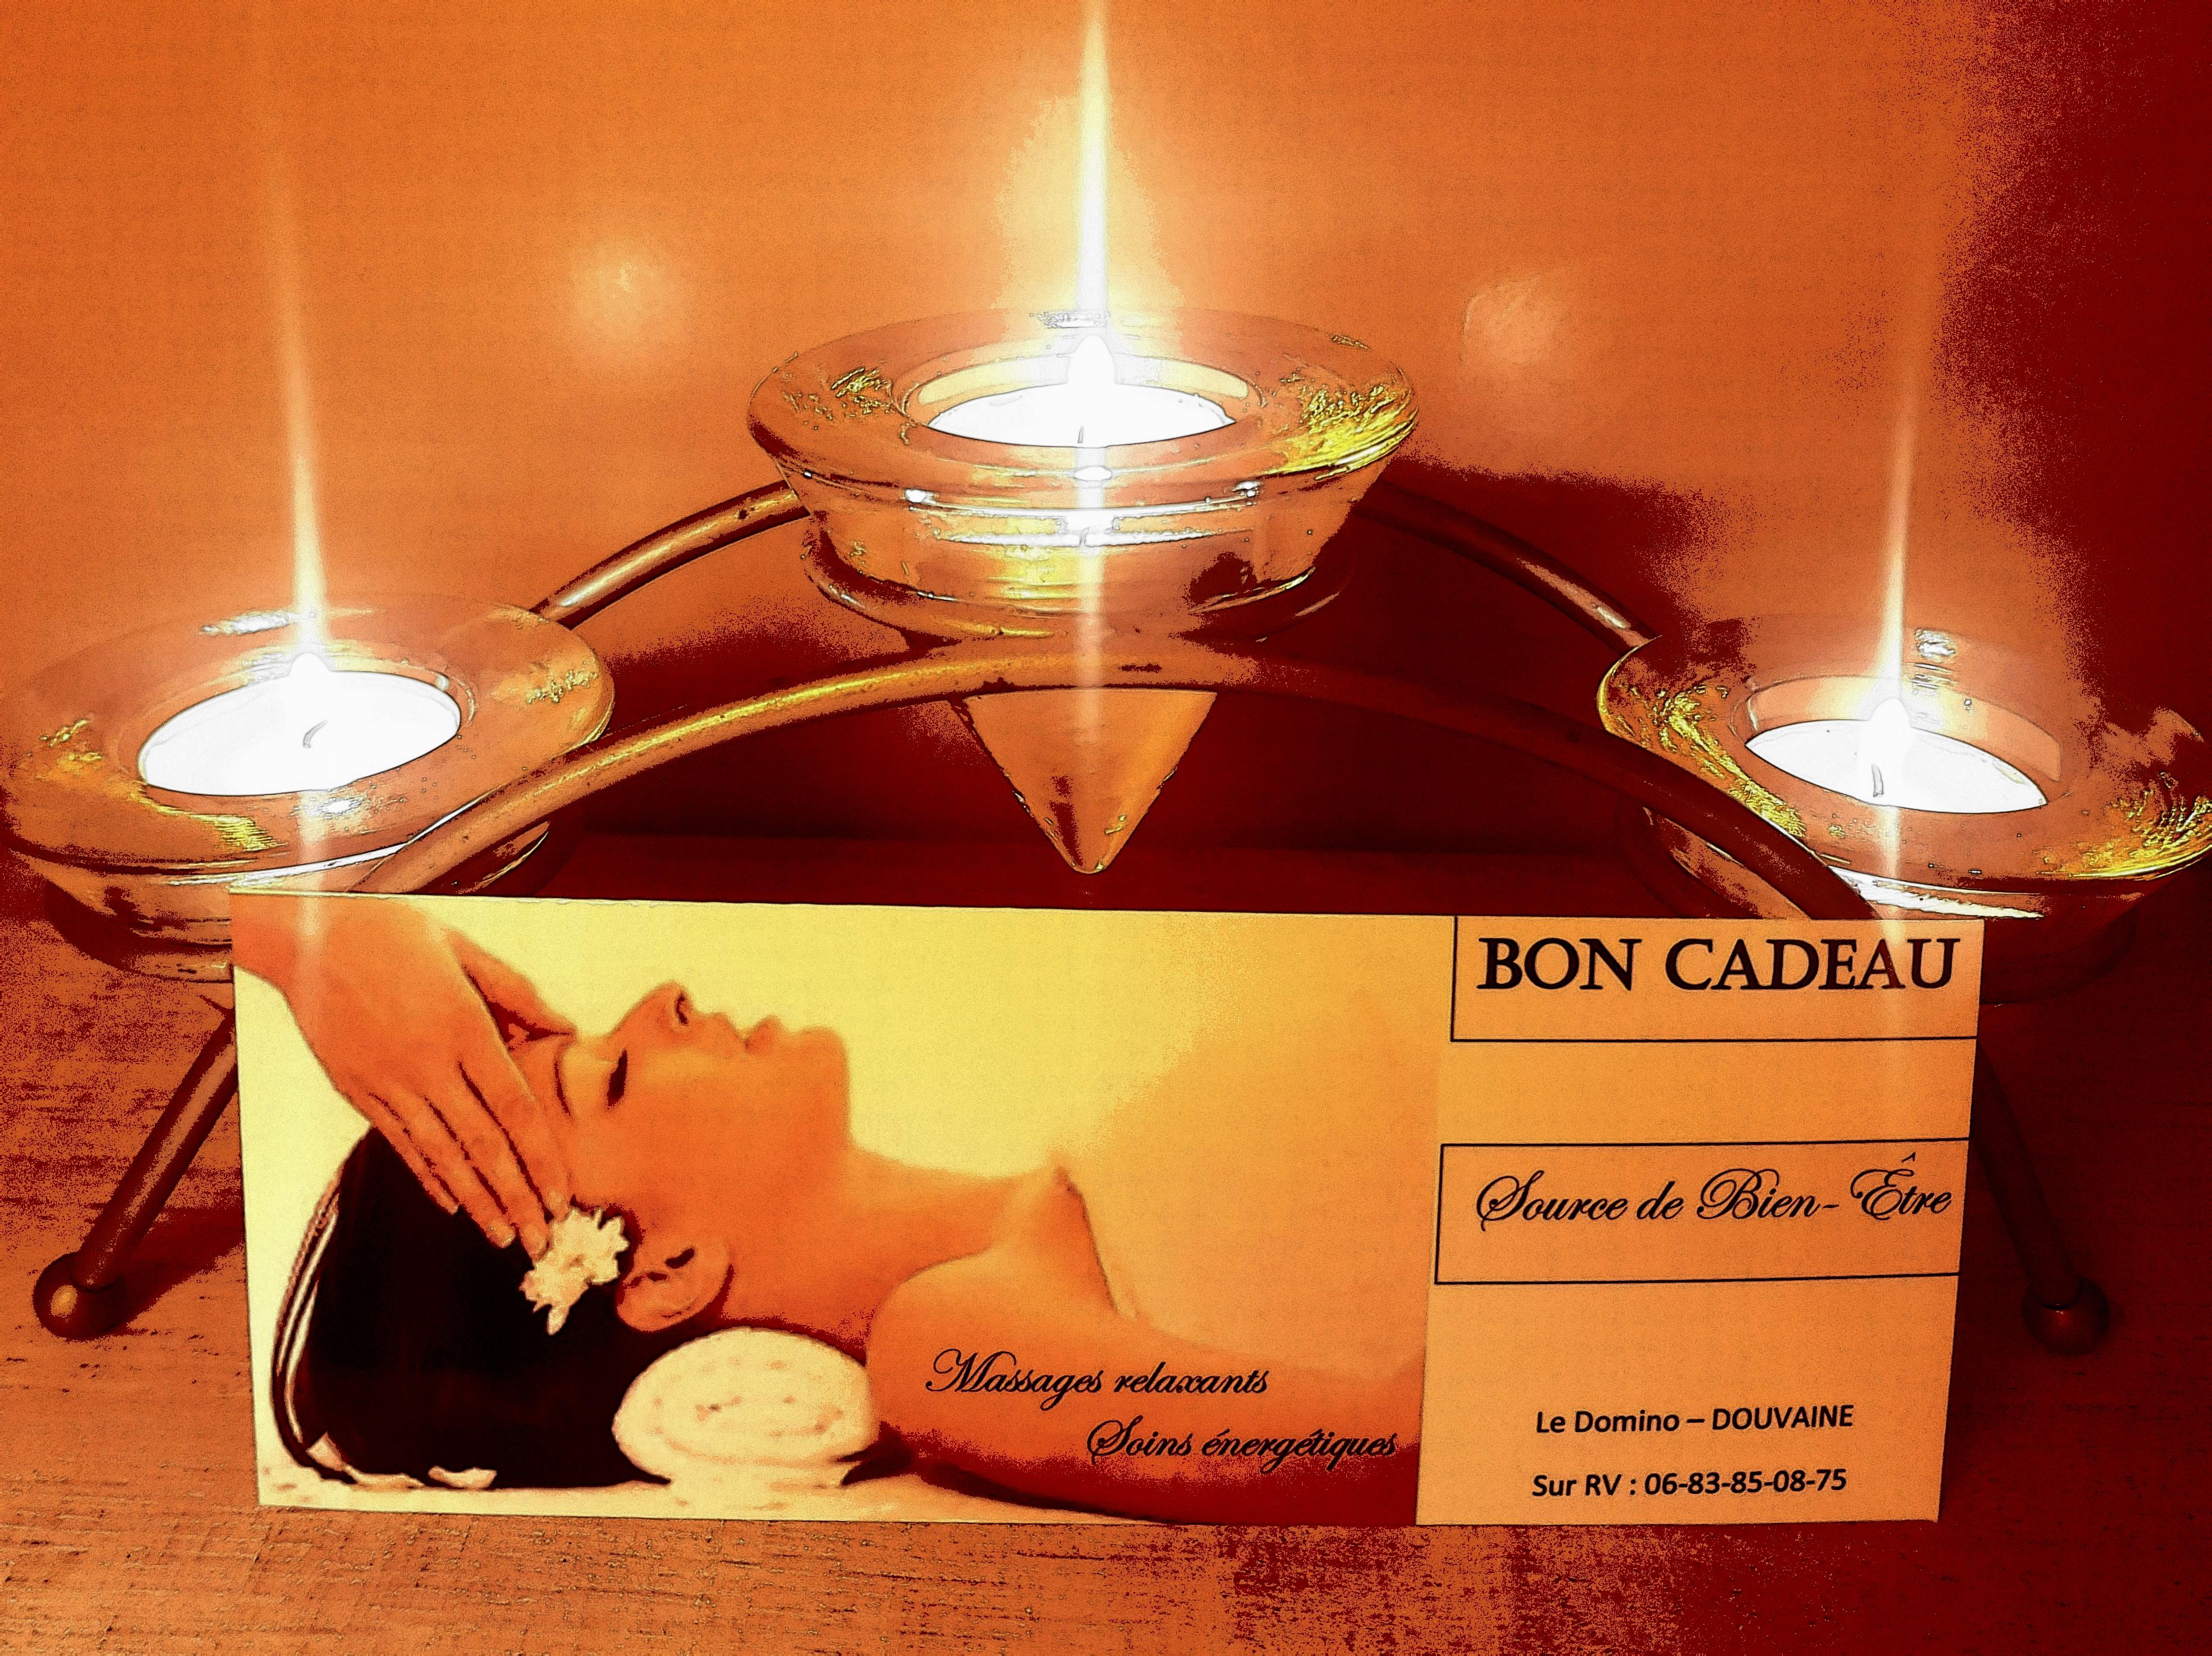 Bon cadeau massage Douvaine